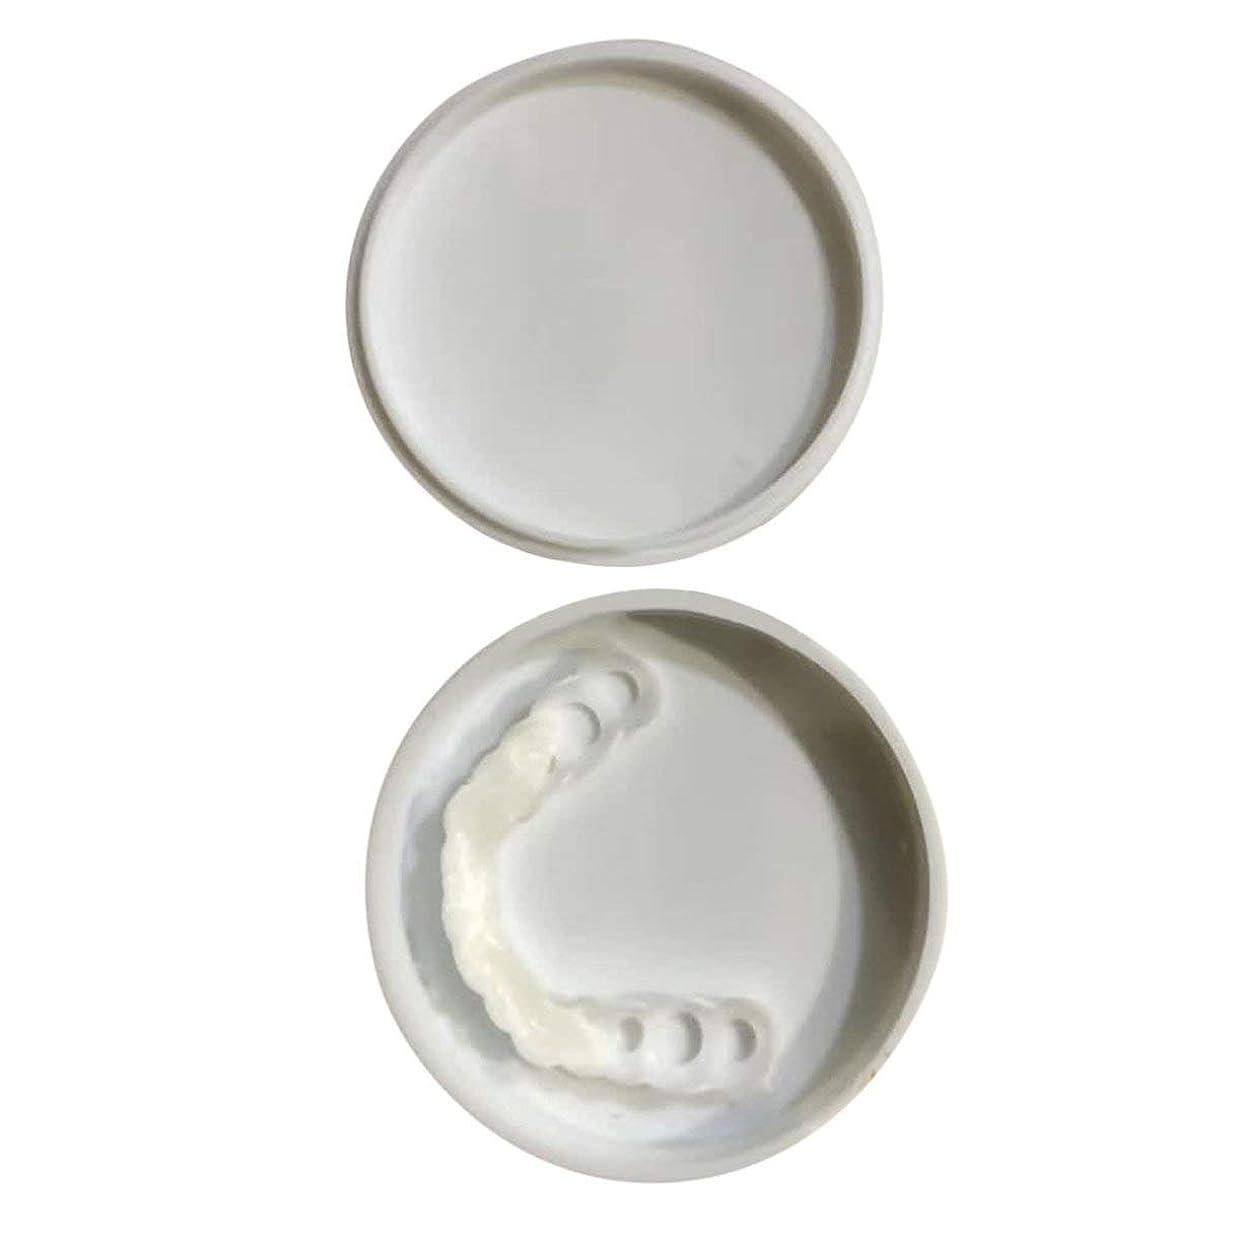 ハッチ薄いですサスティーン快適なスナップオン男性女性歯インスタントパーフェクトスマイルコンフォートフィットフレックス歯フィットホワイトニング笑顔偽歯カバー - ホワイト